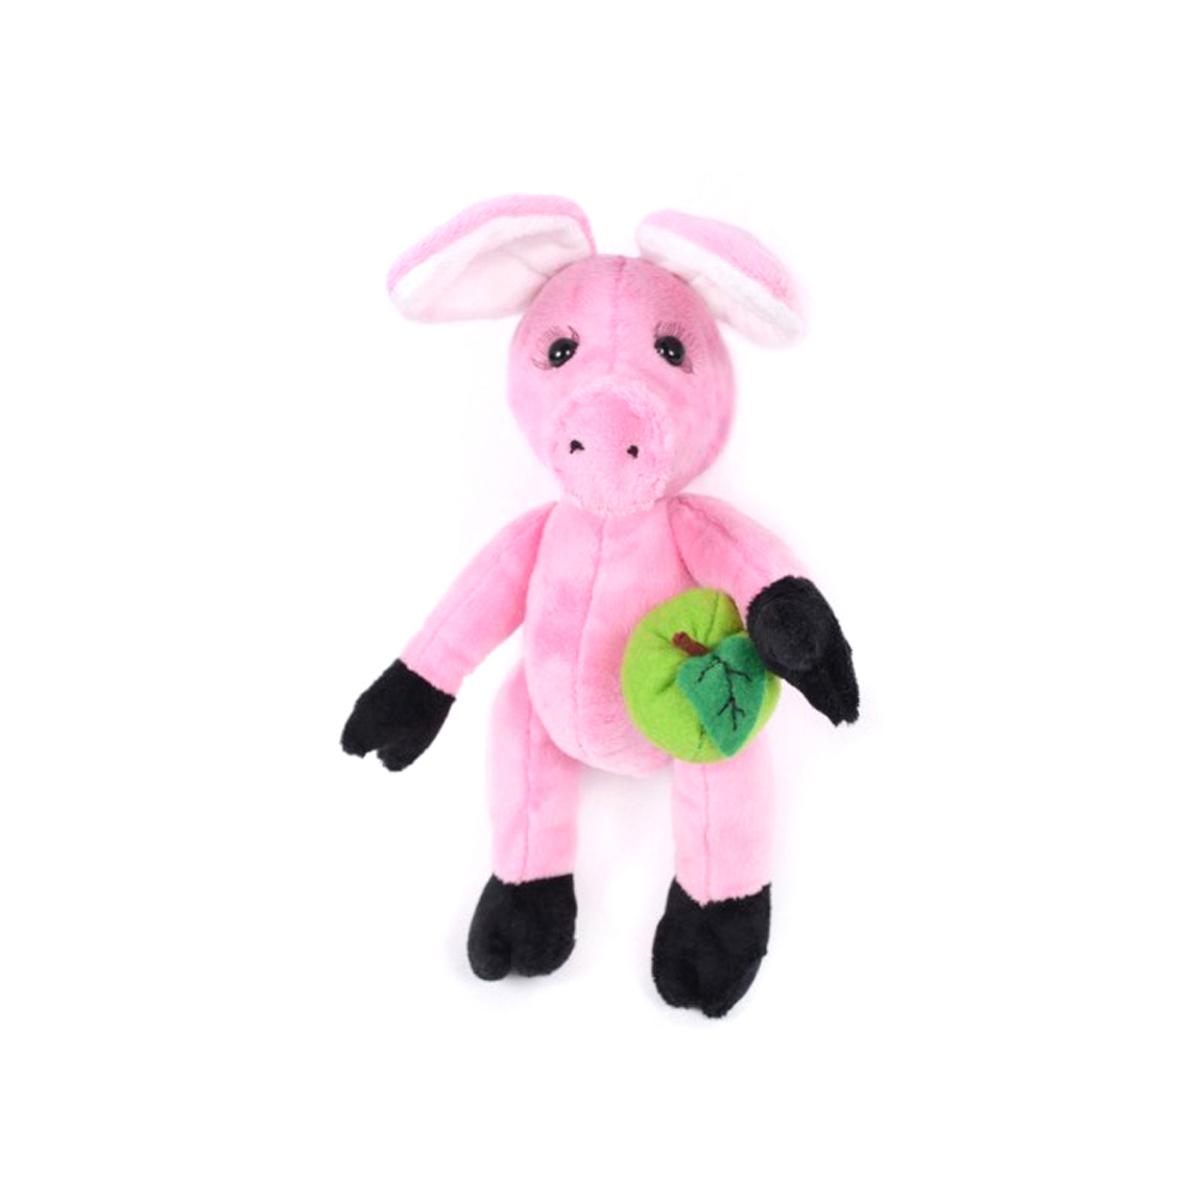 Набор для шитья игрушек Мехомания Розовая свинка, 25 см. ММ-010 сергей москвин мастер класс для диверсанта